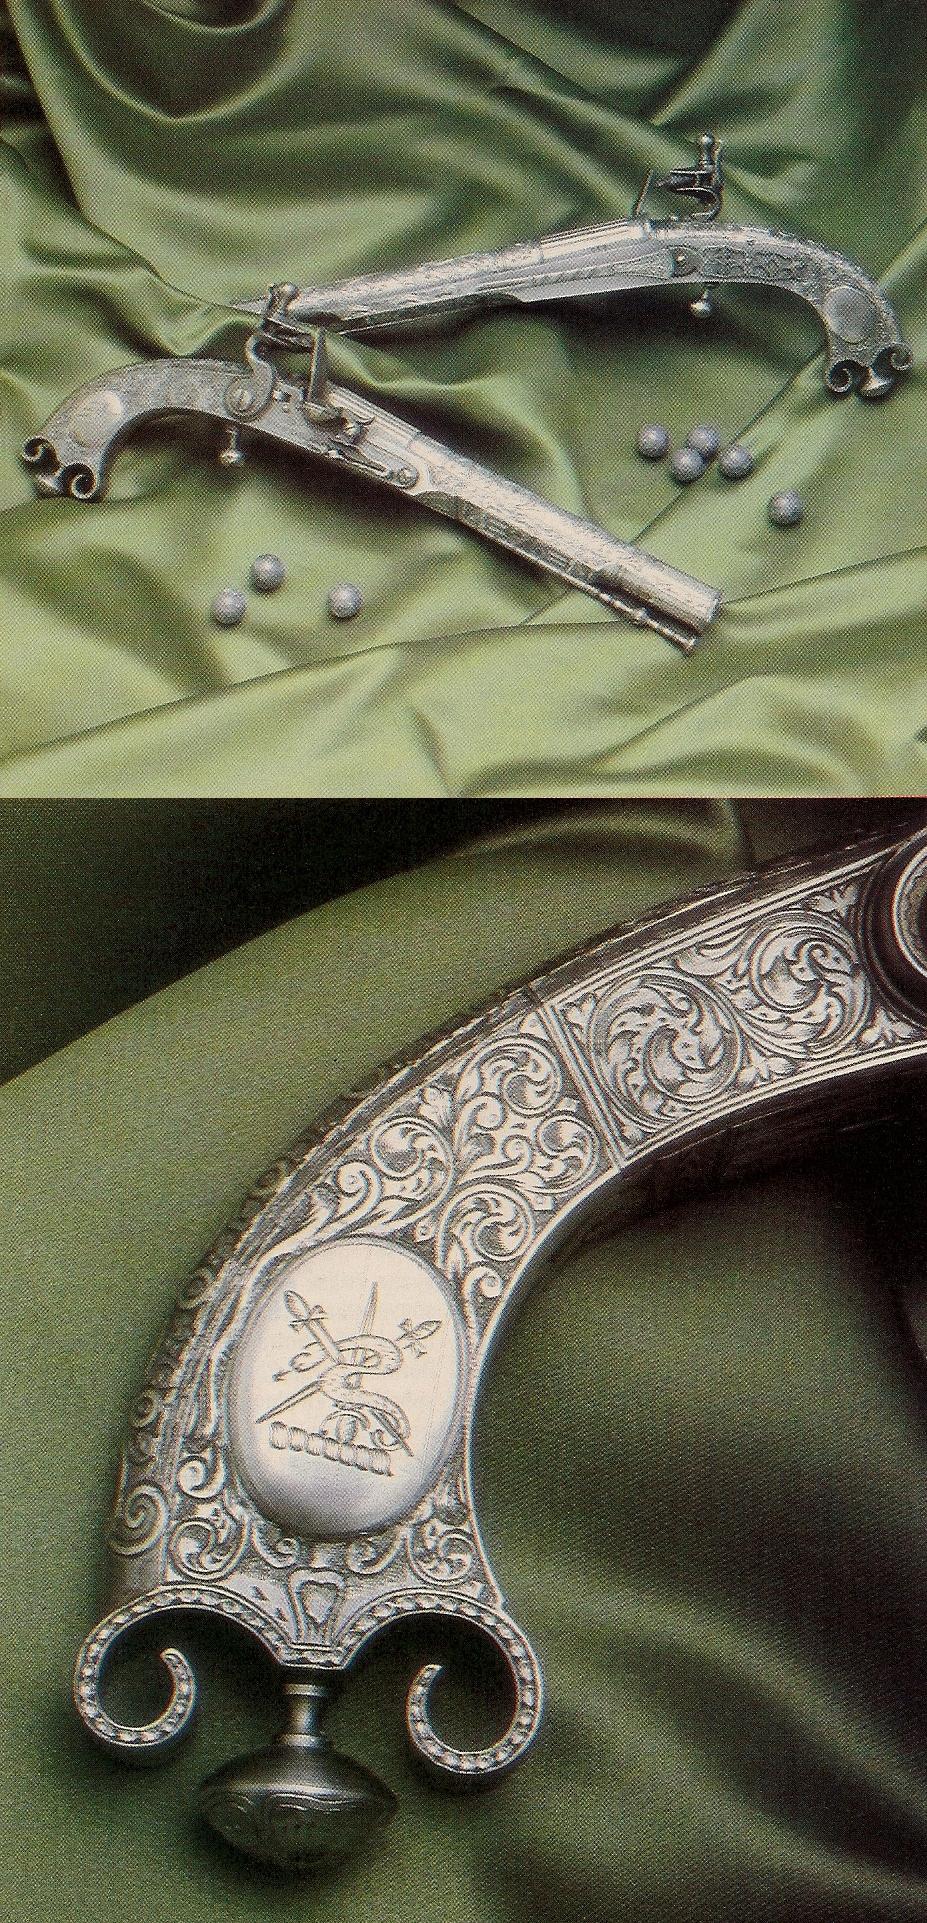 Superbement reproduite par la firme italienne Aldo Uberti, cette copie du pistolet « Murdoch » se démarque notamment par sa monture en acier finement gravée et sa poignée en « corne de bélier », typique des pistolets des Highlands, ornée d'un médaillon en argent gravé d'un motif héraldique.